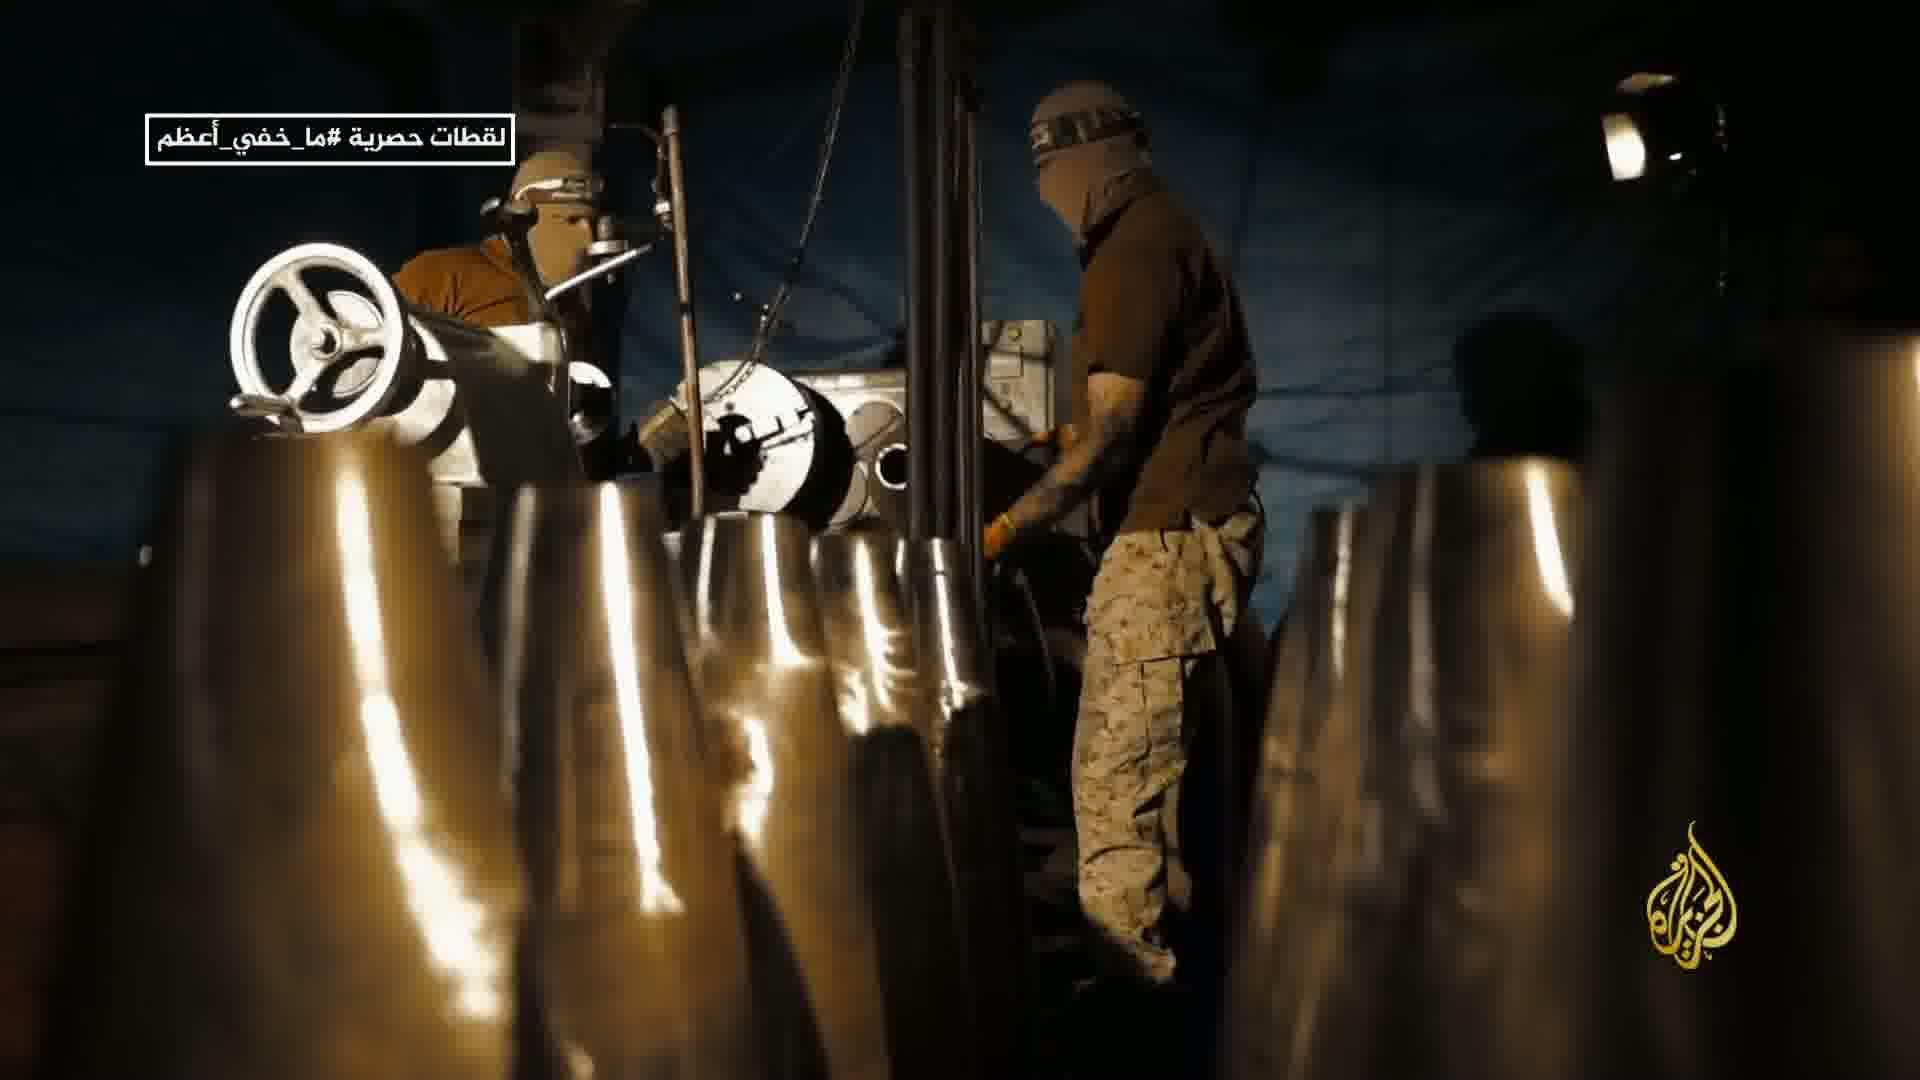 HAMAS İRAN'IN GAZZE'YE NASIL SİLAH GÖNDERDİĞİNİ AÇIKLADI